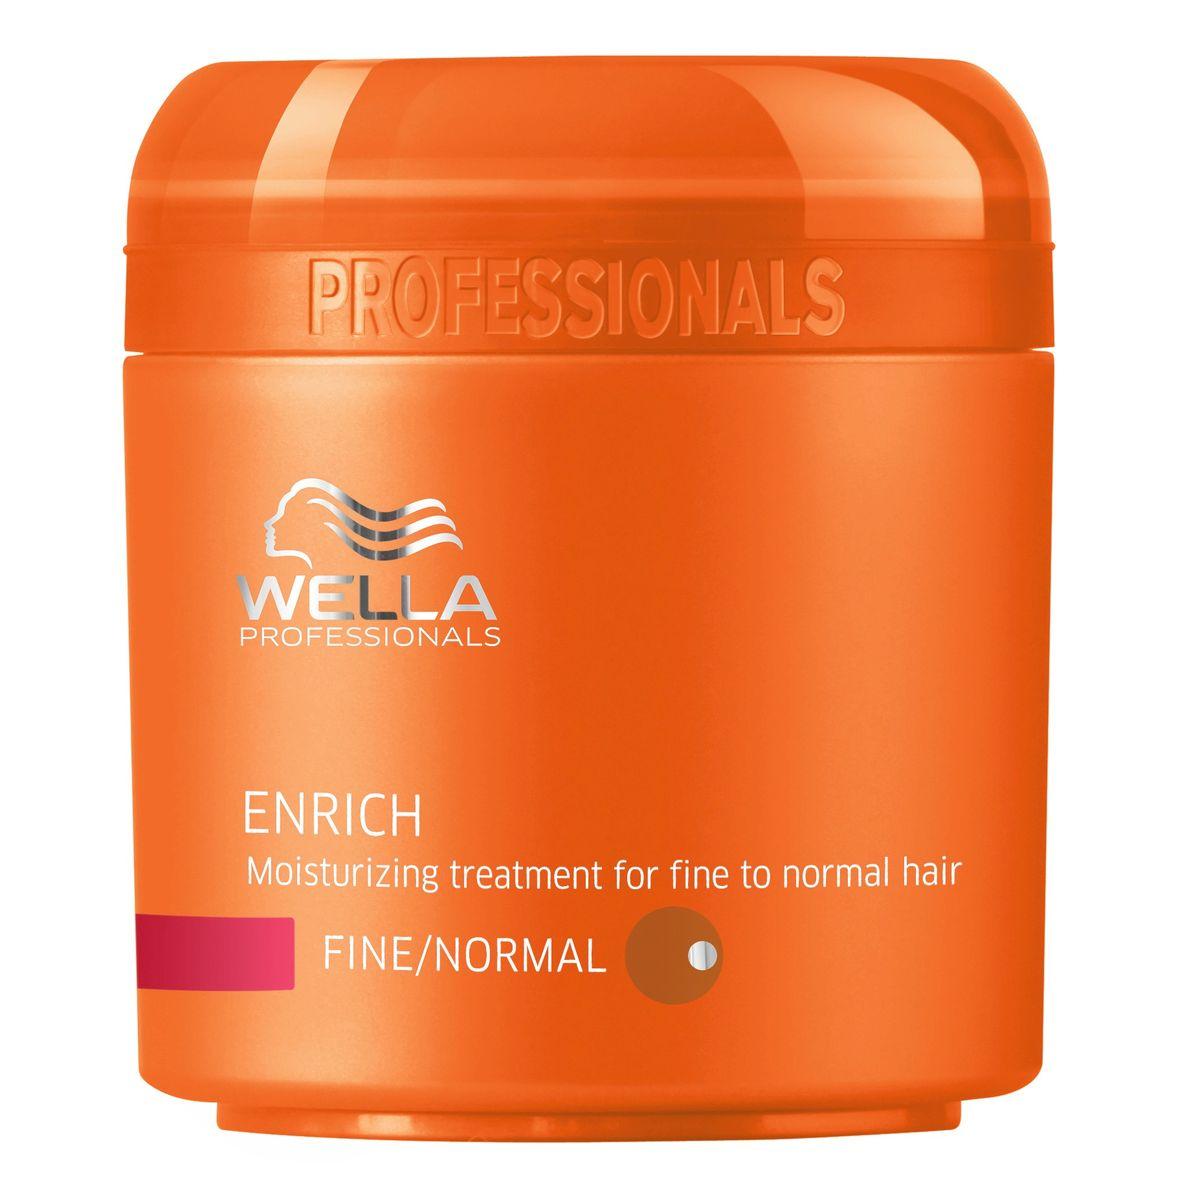 Wella Питательная крем-маска Enrich Line для нормальных и тонких волос, 150 мл